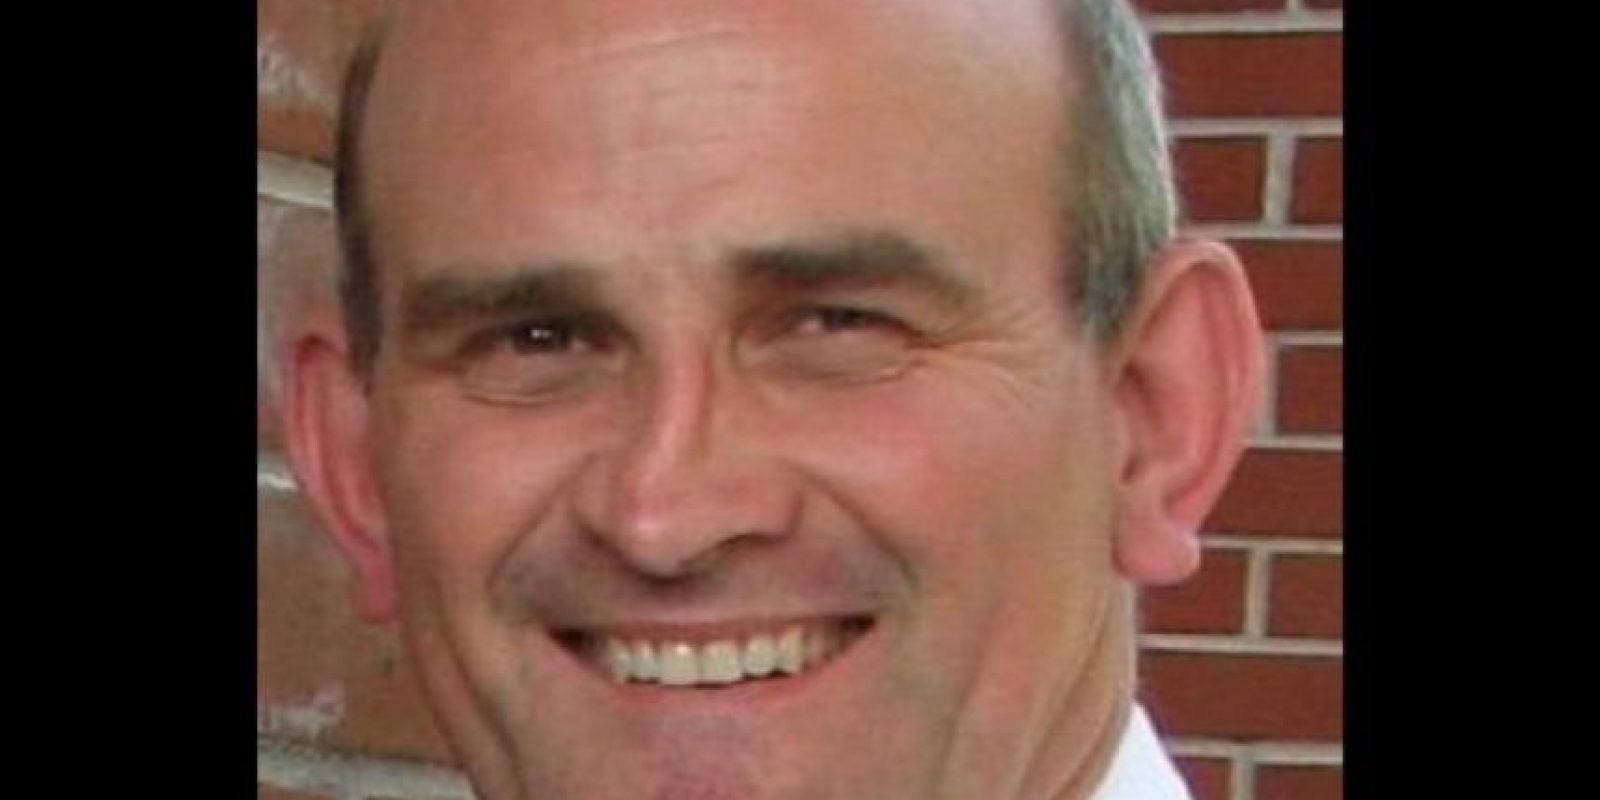 Un pastor de Nueva Orleans, Estados Unidos, se suicidó luego de que su nombre apareciera en la lista de usuarios hackeada del sitio web Ashley Madison. Foto:vía Twitter/ChristianIndex